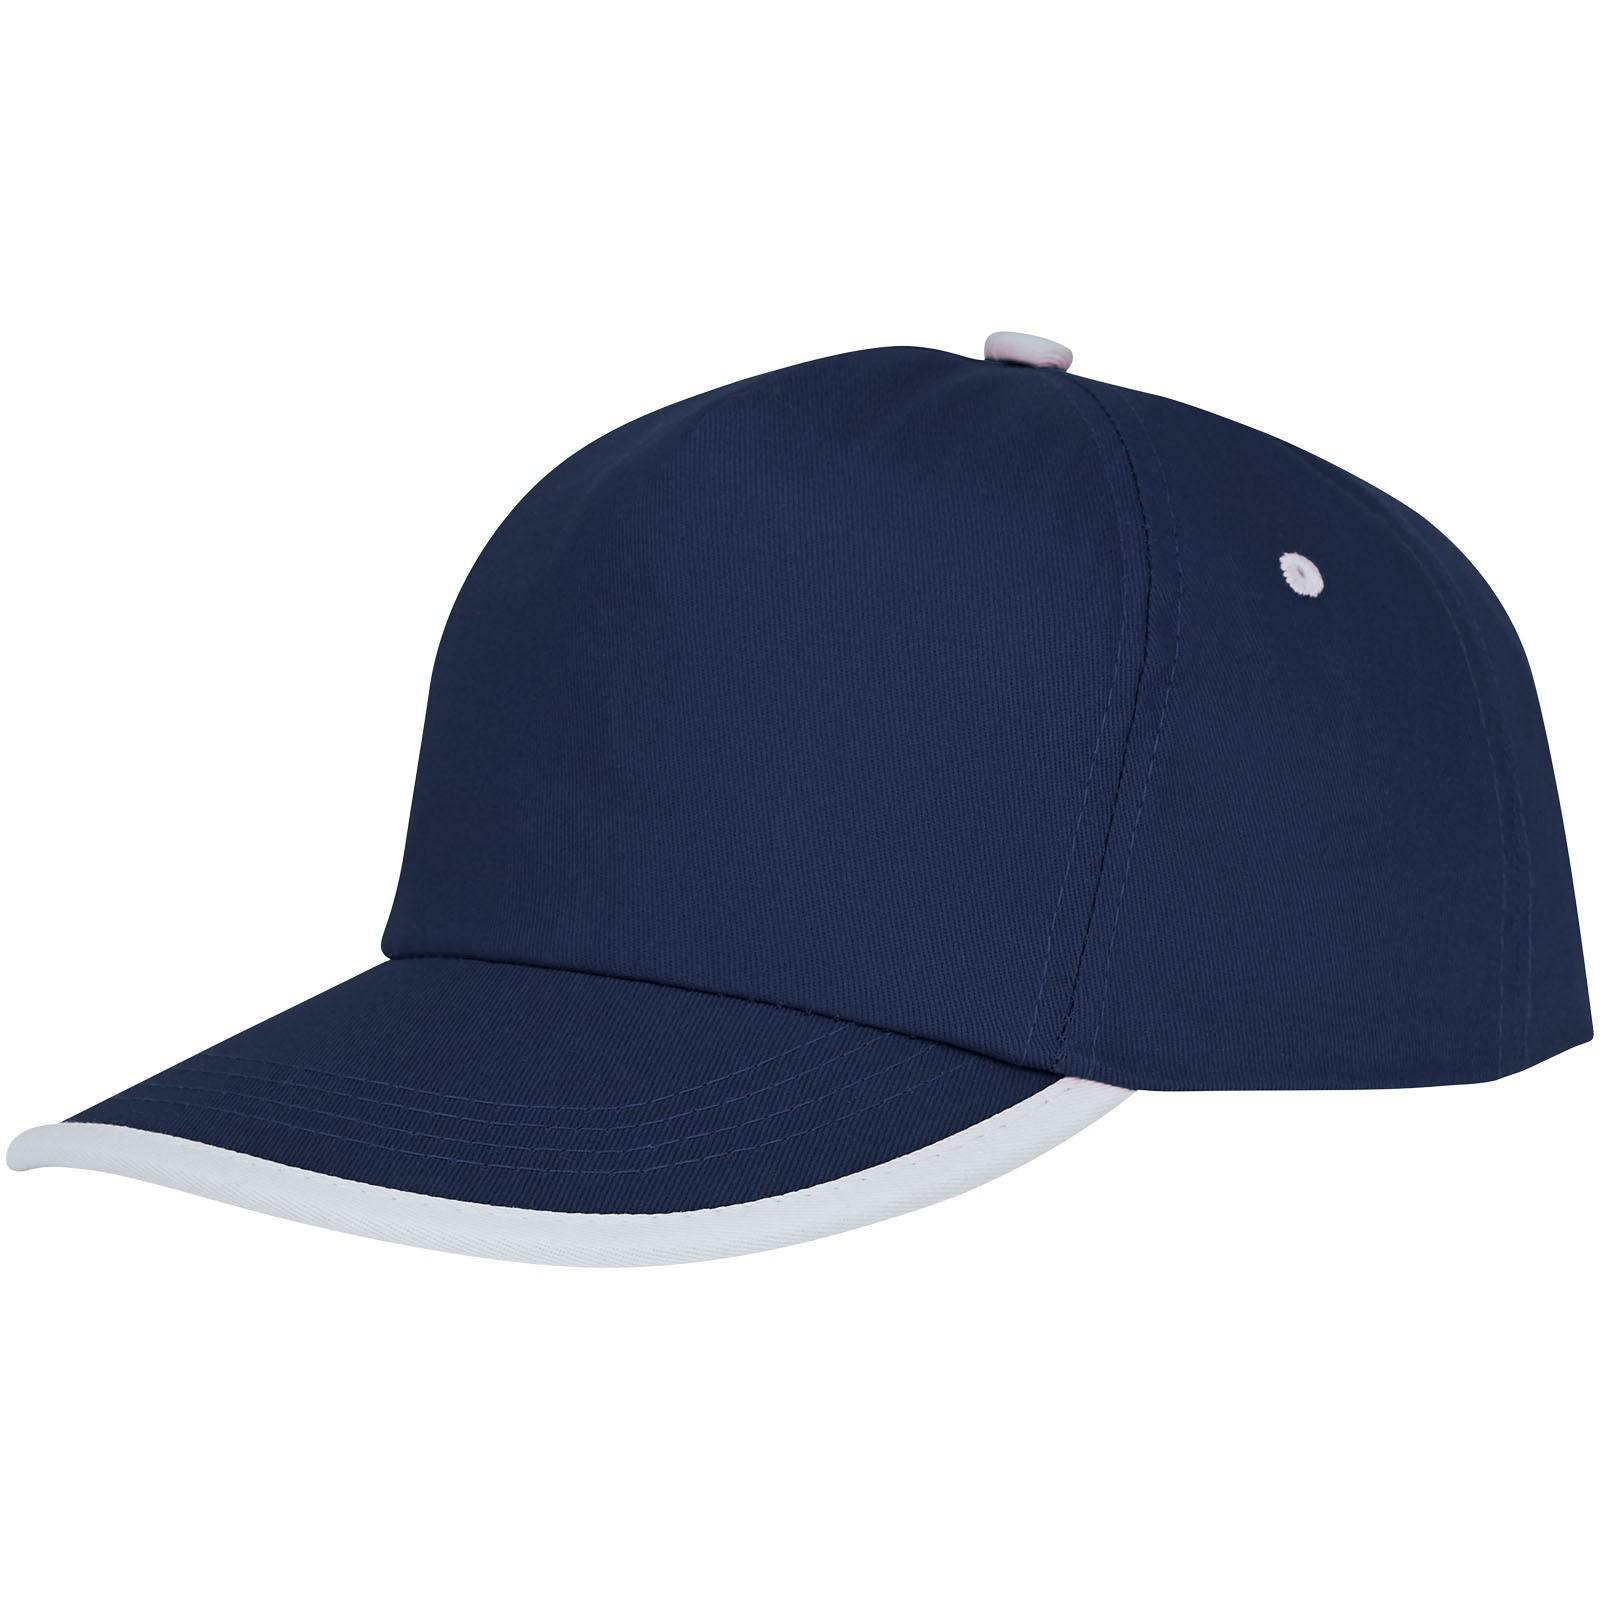 Nestor 5panelová čepice s kontrastní linkou - Navy / Bílá